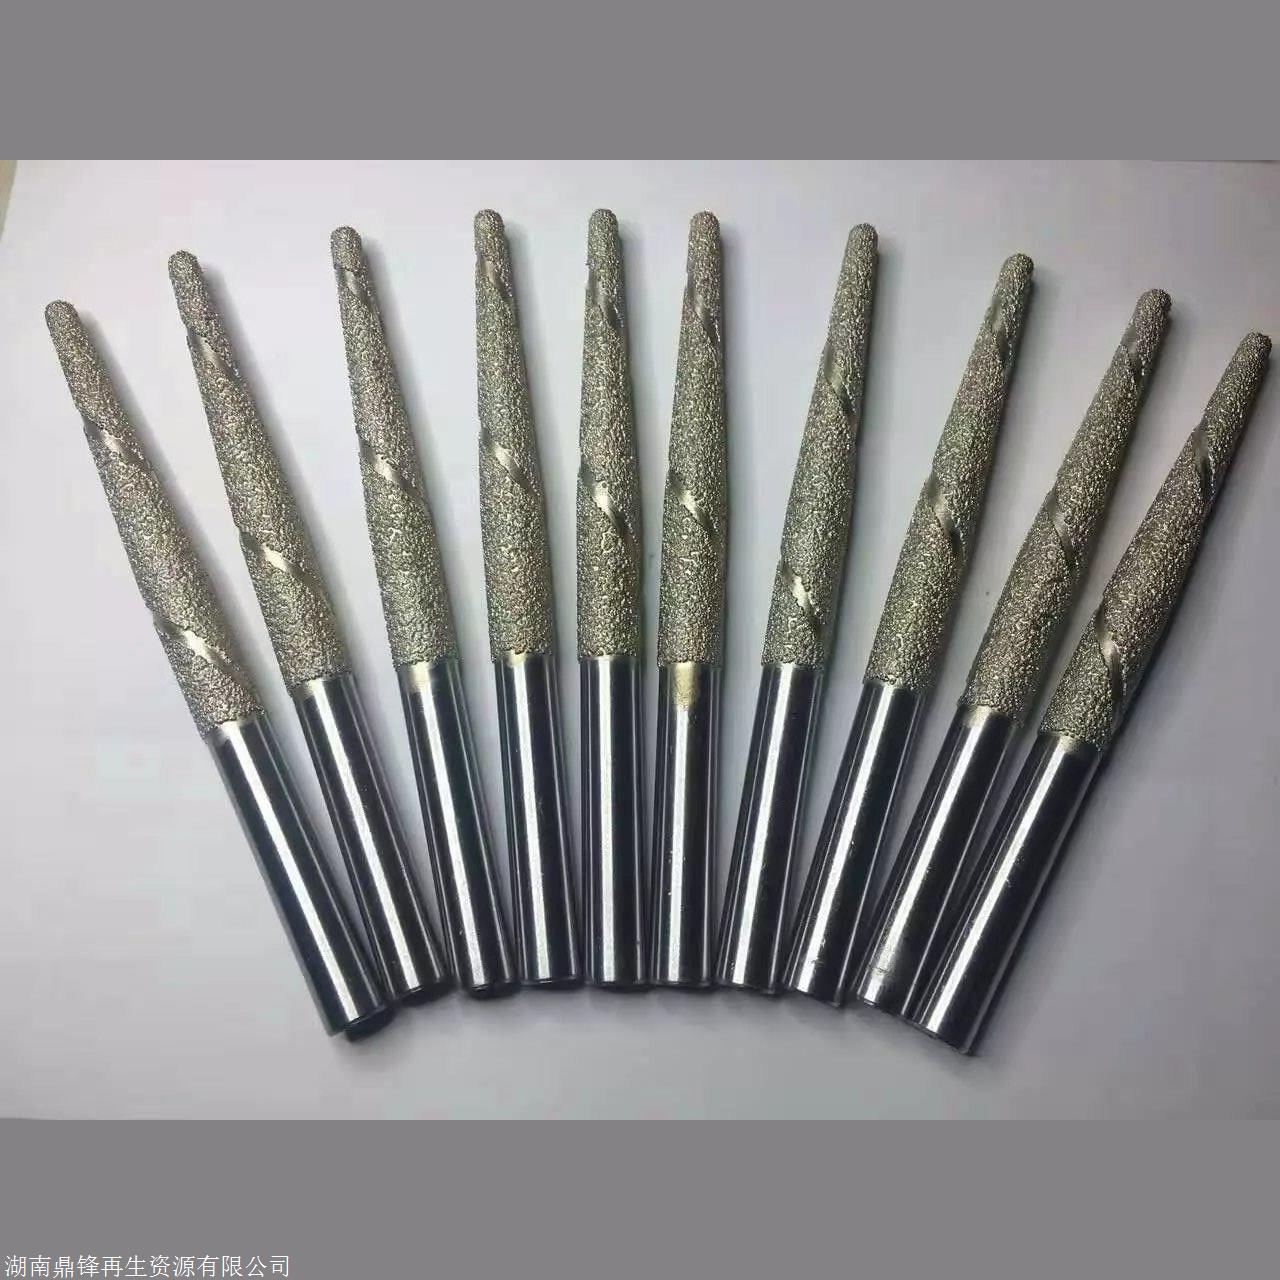 杭州银焊条回收 胶南银焊条回收鼎锋好